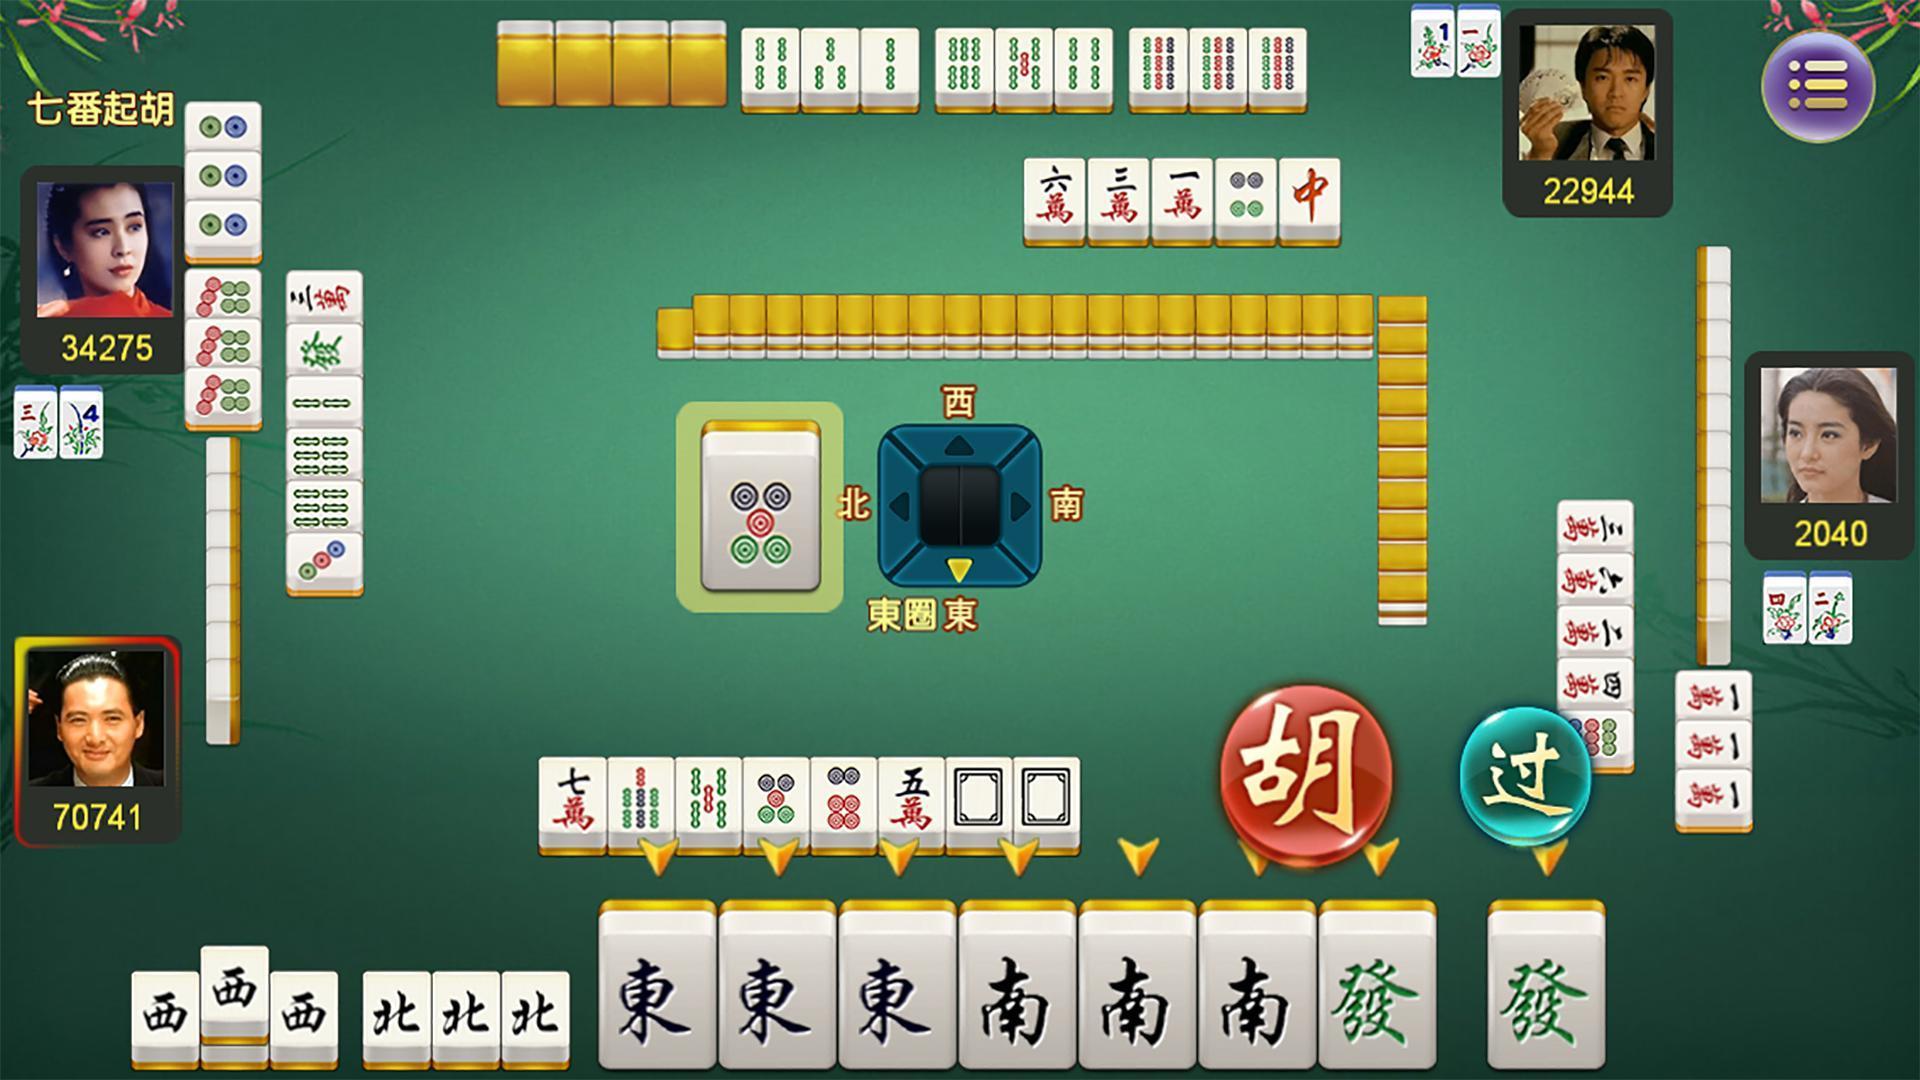 正宗香港麻雀-广东麻将,欢乐斗地主 3.1.8 Screenshot 2